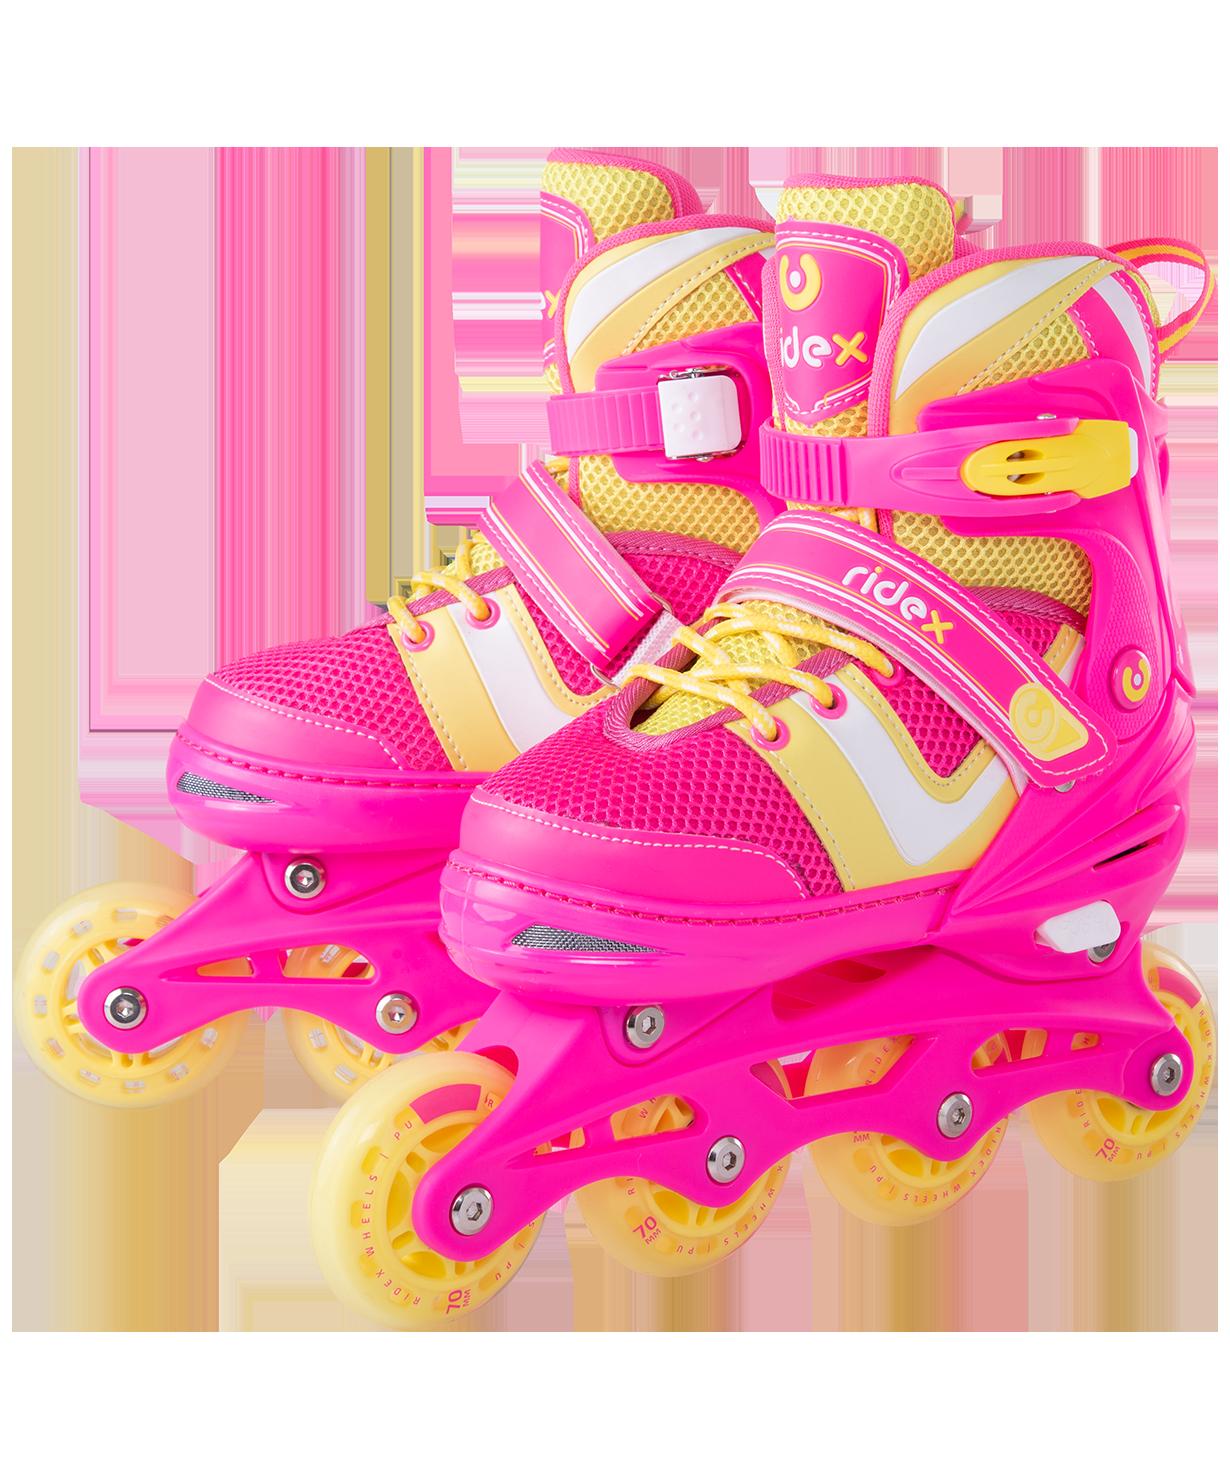 Купить Ролики раздвижные Wing Pink, пластиковая рама - M (34-37), Ролики раздвижные Ridex Wing Pink, M (34-37),